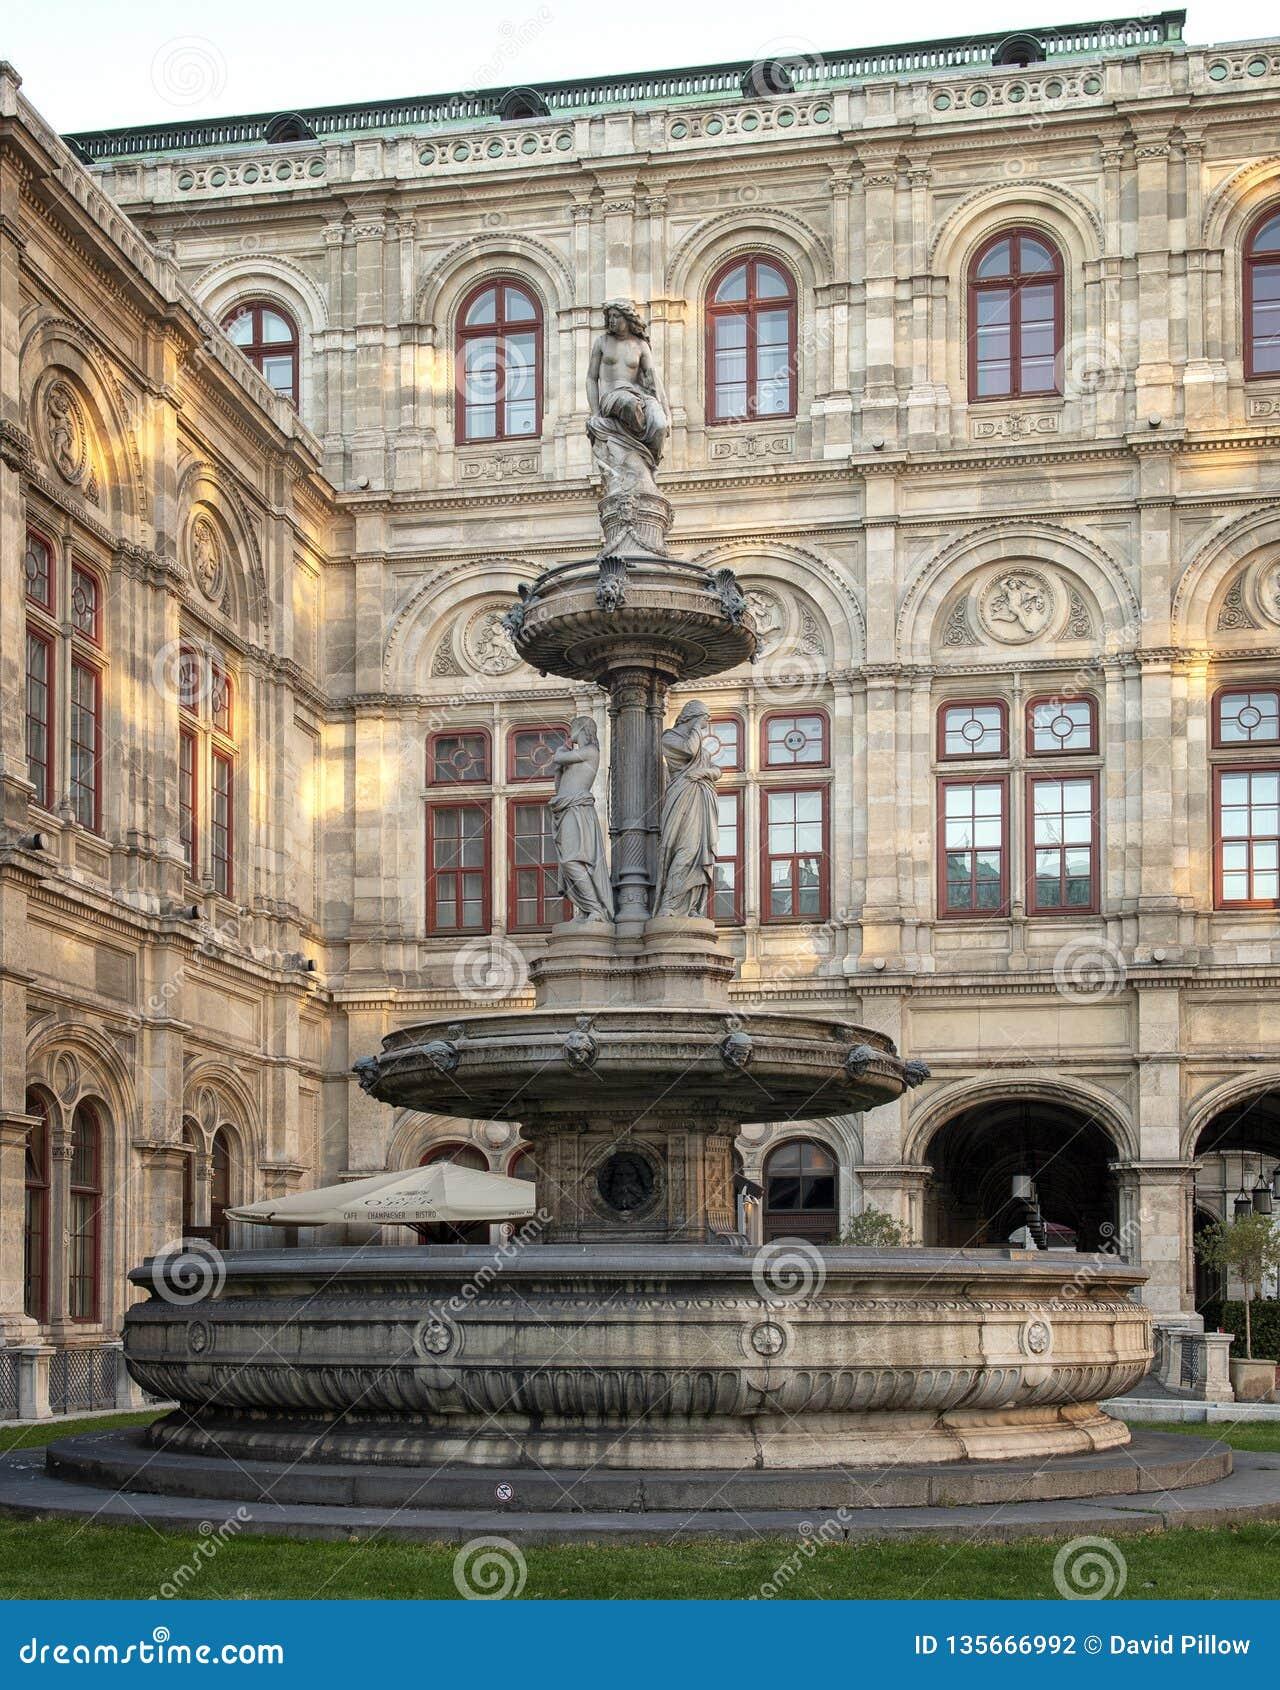 Fontanna przedstawia legendarną syrenę Lorelei i wspierający postaciami reprezentuje żal, miłości i mszczenia, Wiedeń opera